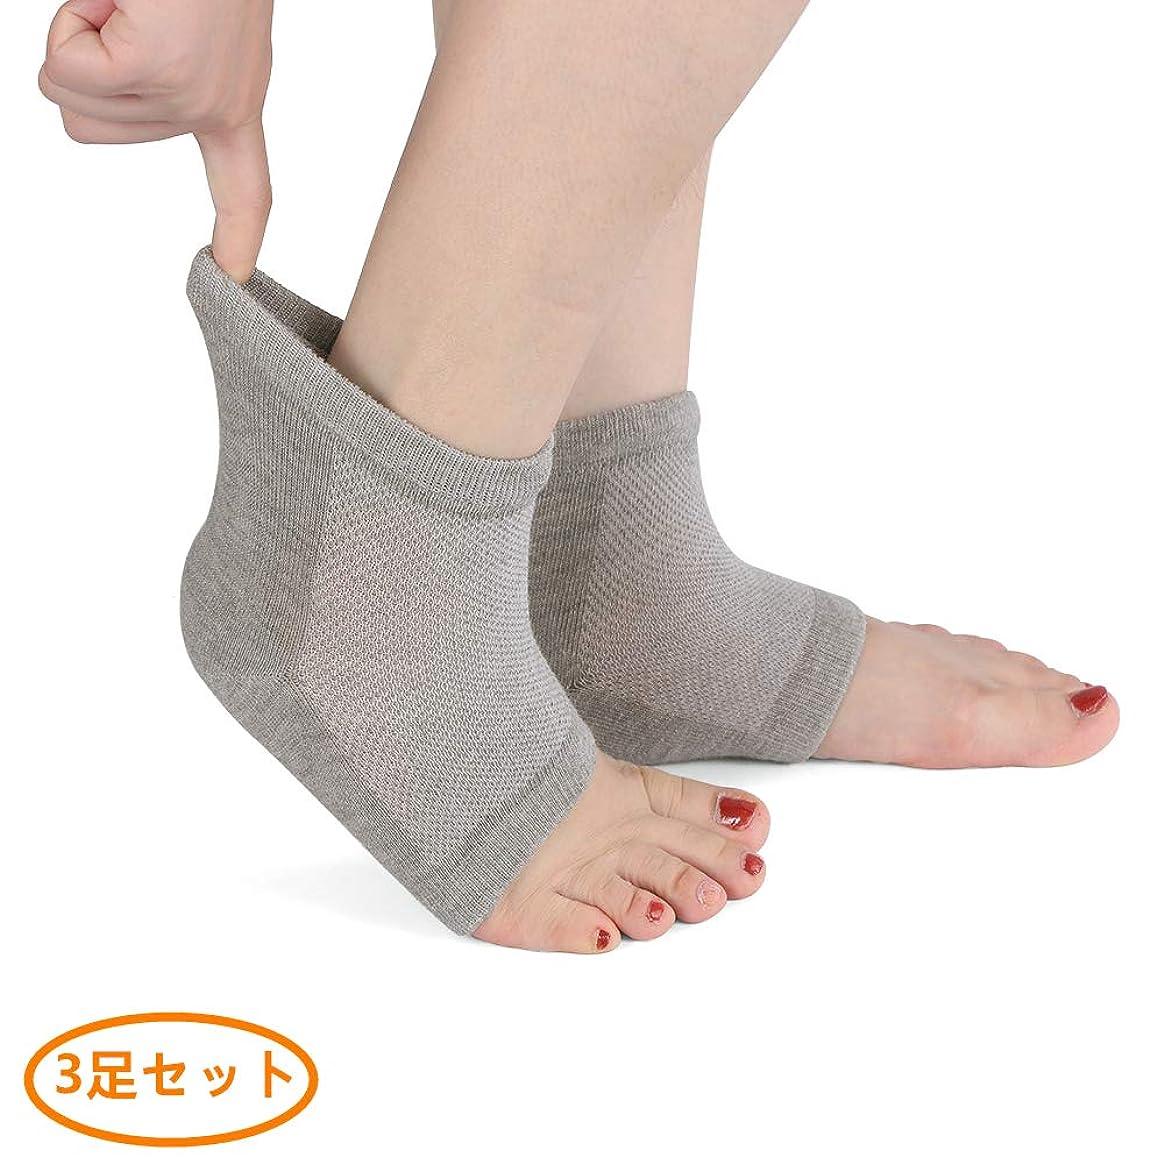 主婦非アクティブデコレーションYUANSHOP1 かかとケア ソックス 3足セット かかと靴下 レディース メンズ ひび割れケア/角質除去/保湿/美容 足SPA 足ケア フリーサイズ (グレー)